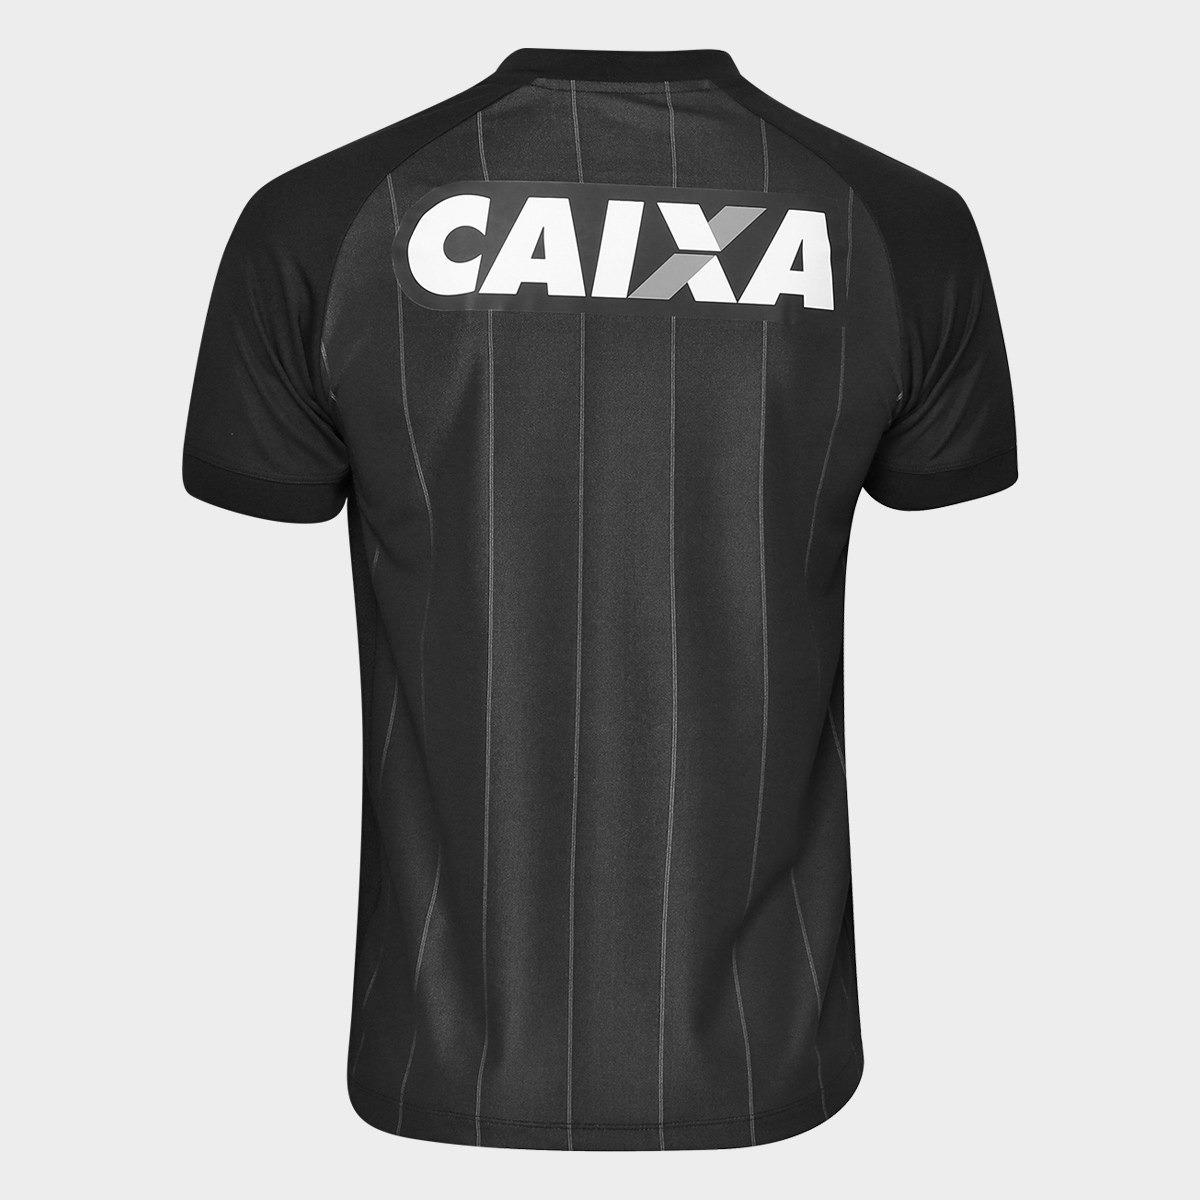 nova camisa botafogo oficial home 18 19 - preço especial! Carregando zoom. 2aa06db519750